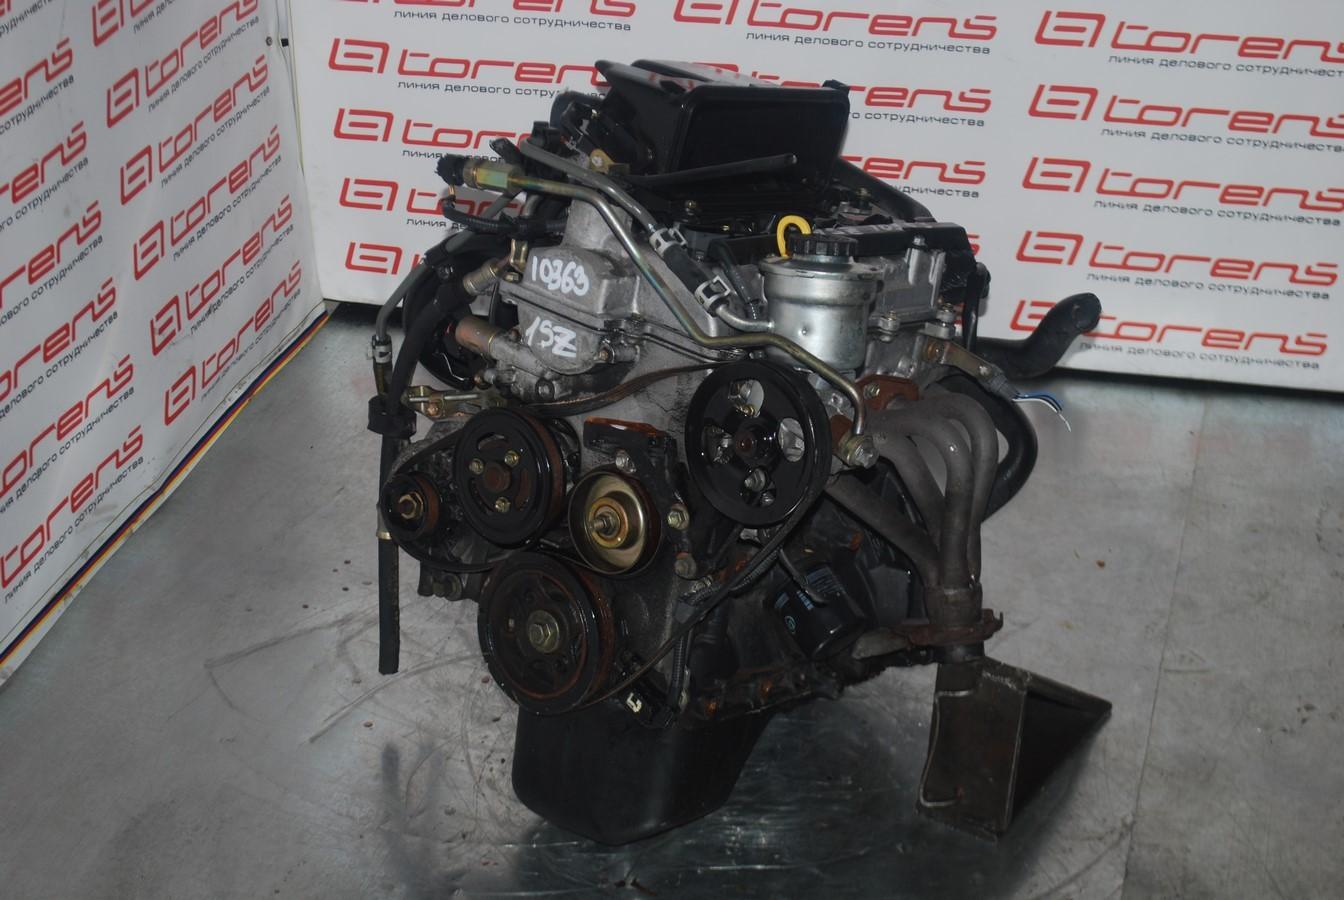 Двигатель 1SZ-FE характеристики, отзывы, ресурс где можно купить?